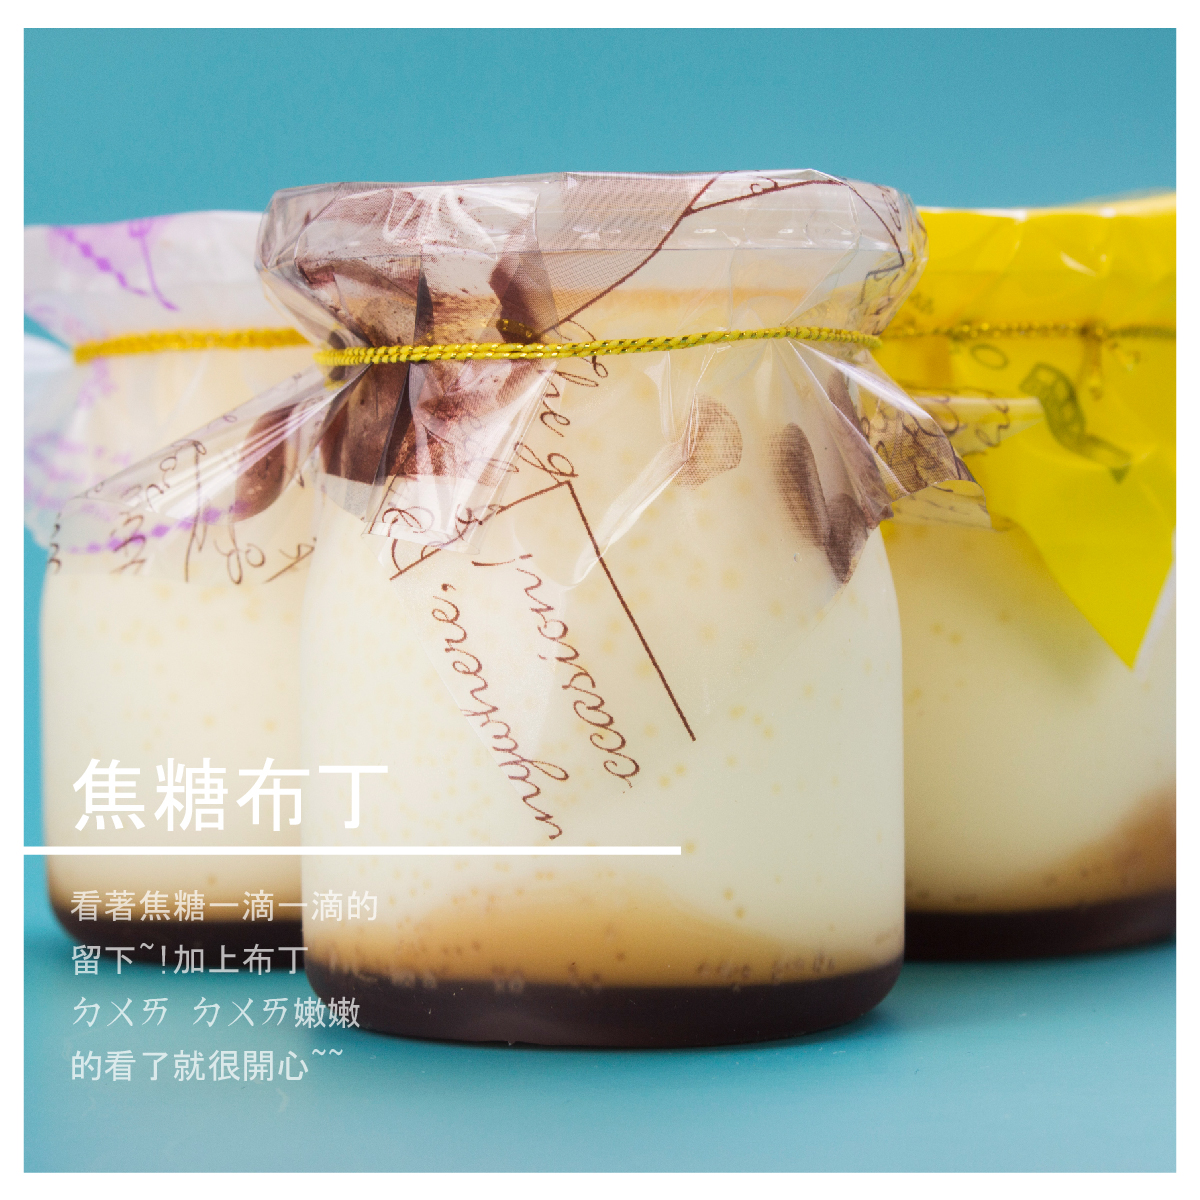 【88烘焙坊】焦糖布丁 6入/盒